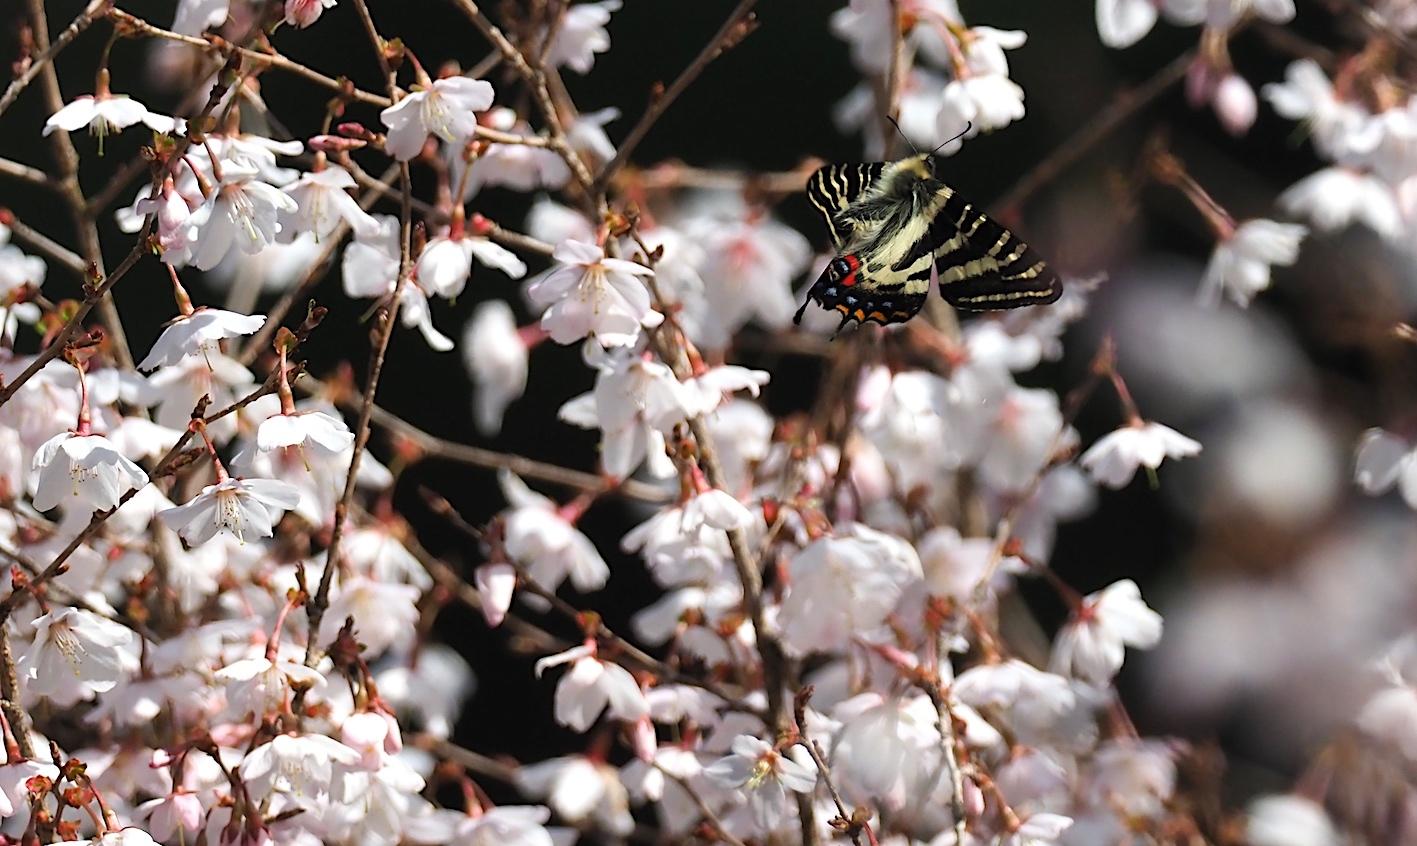 春の女神ギフチョウ、飛翔シーンの部(2020年4月2日)_d0303129_21364566.jpg